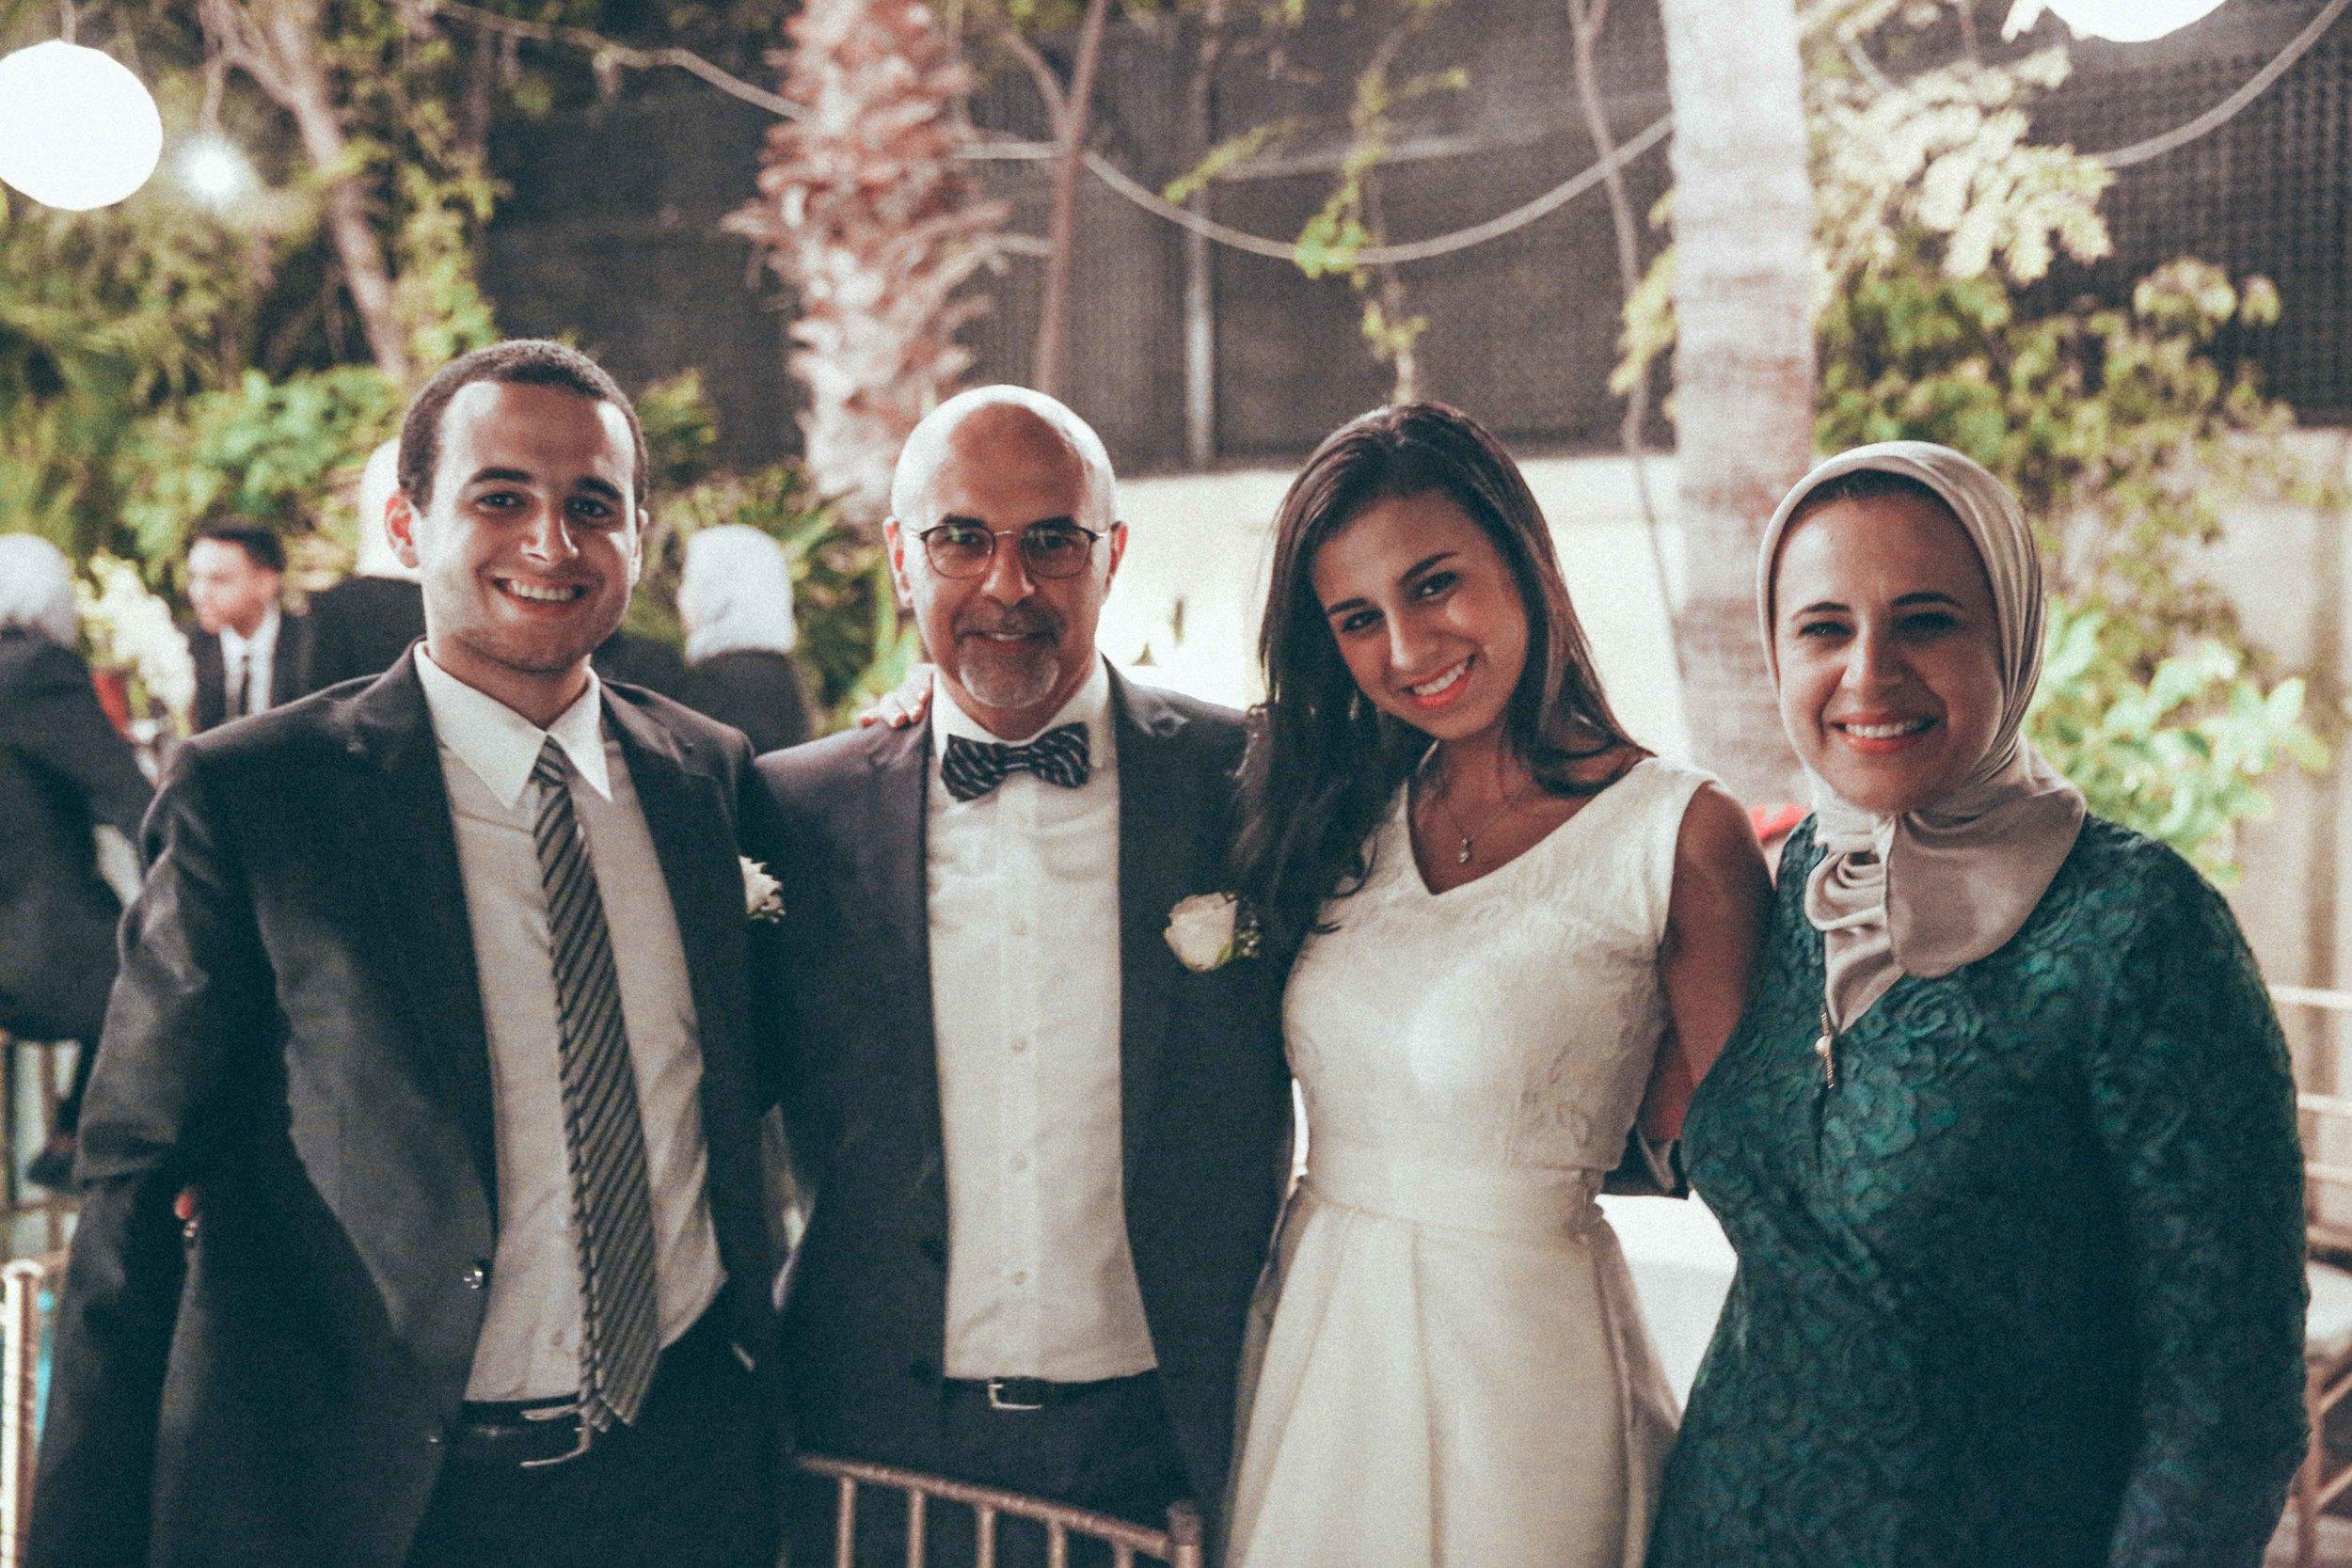 wedding-3544.jpg